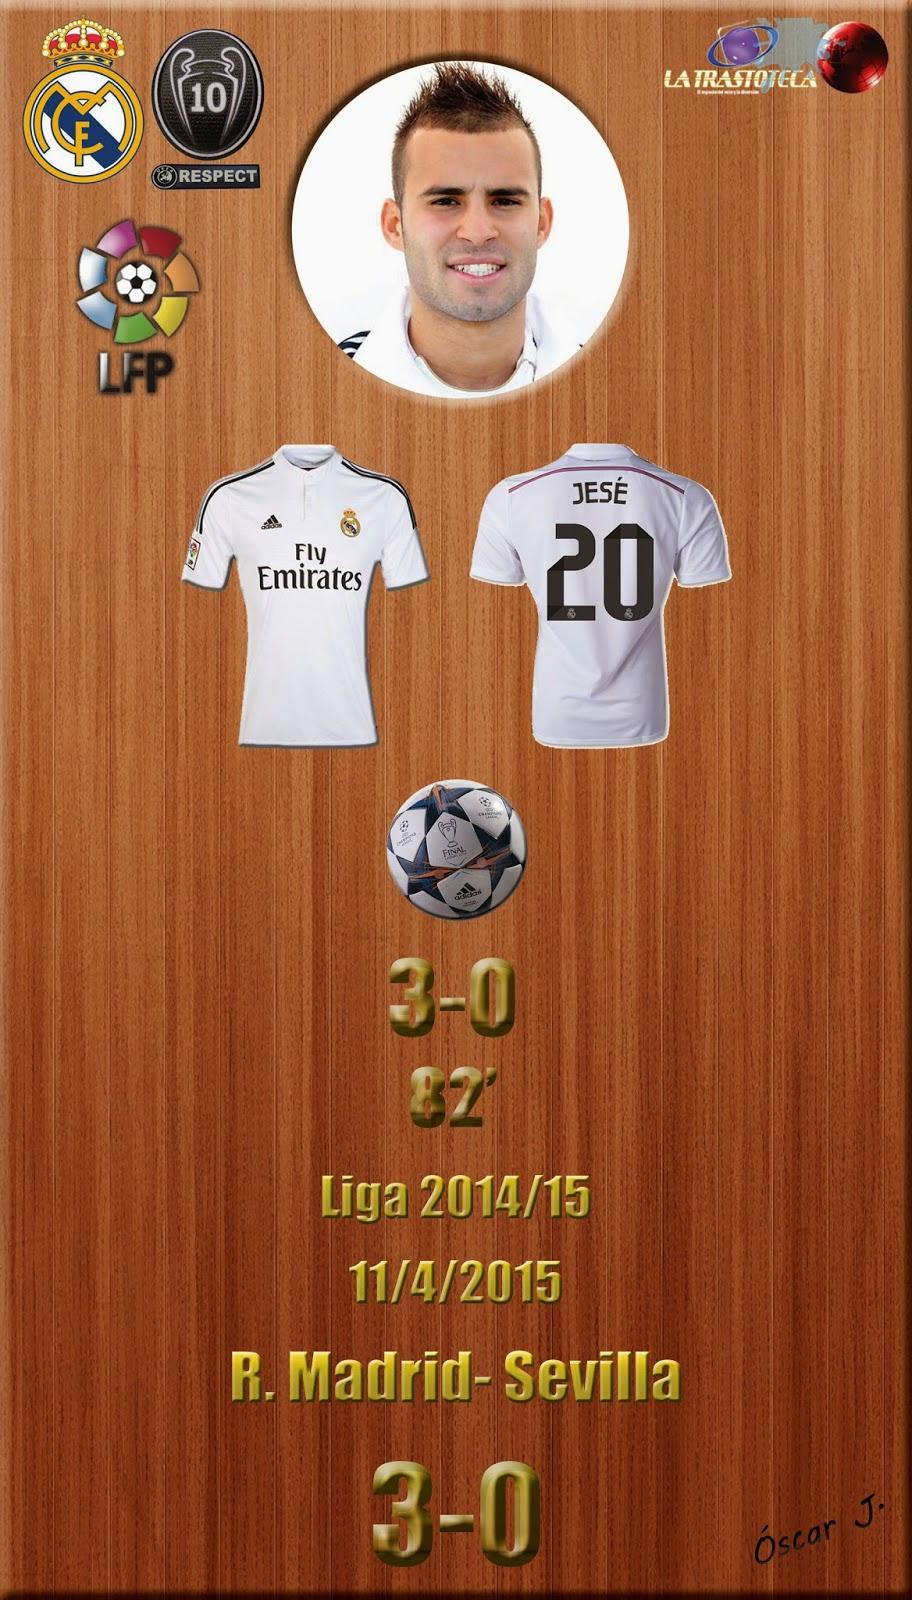 Real Madrid 3-0 Eibar - Liga 2014/15 - Jornada 31 - (11/4/2015)